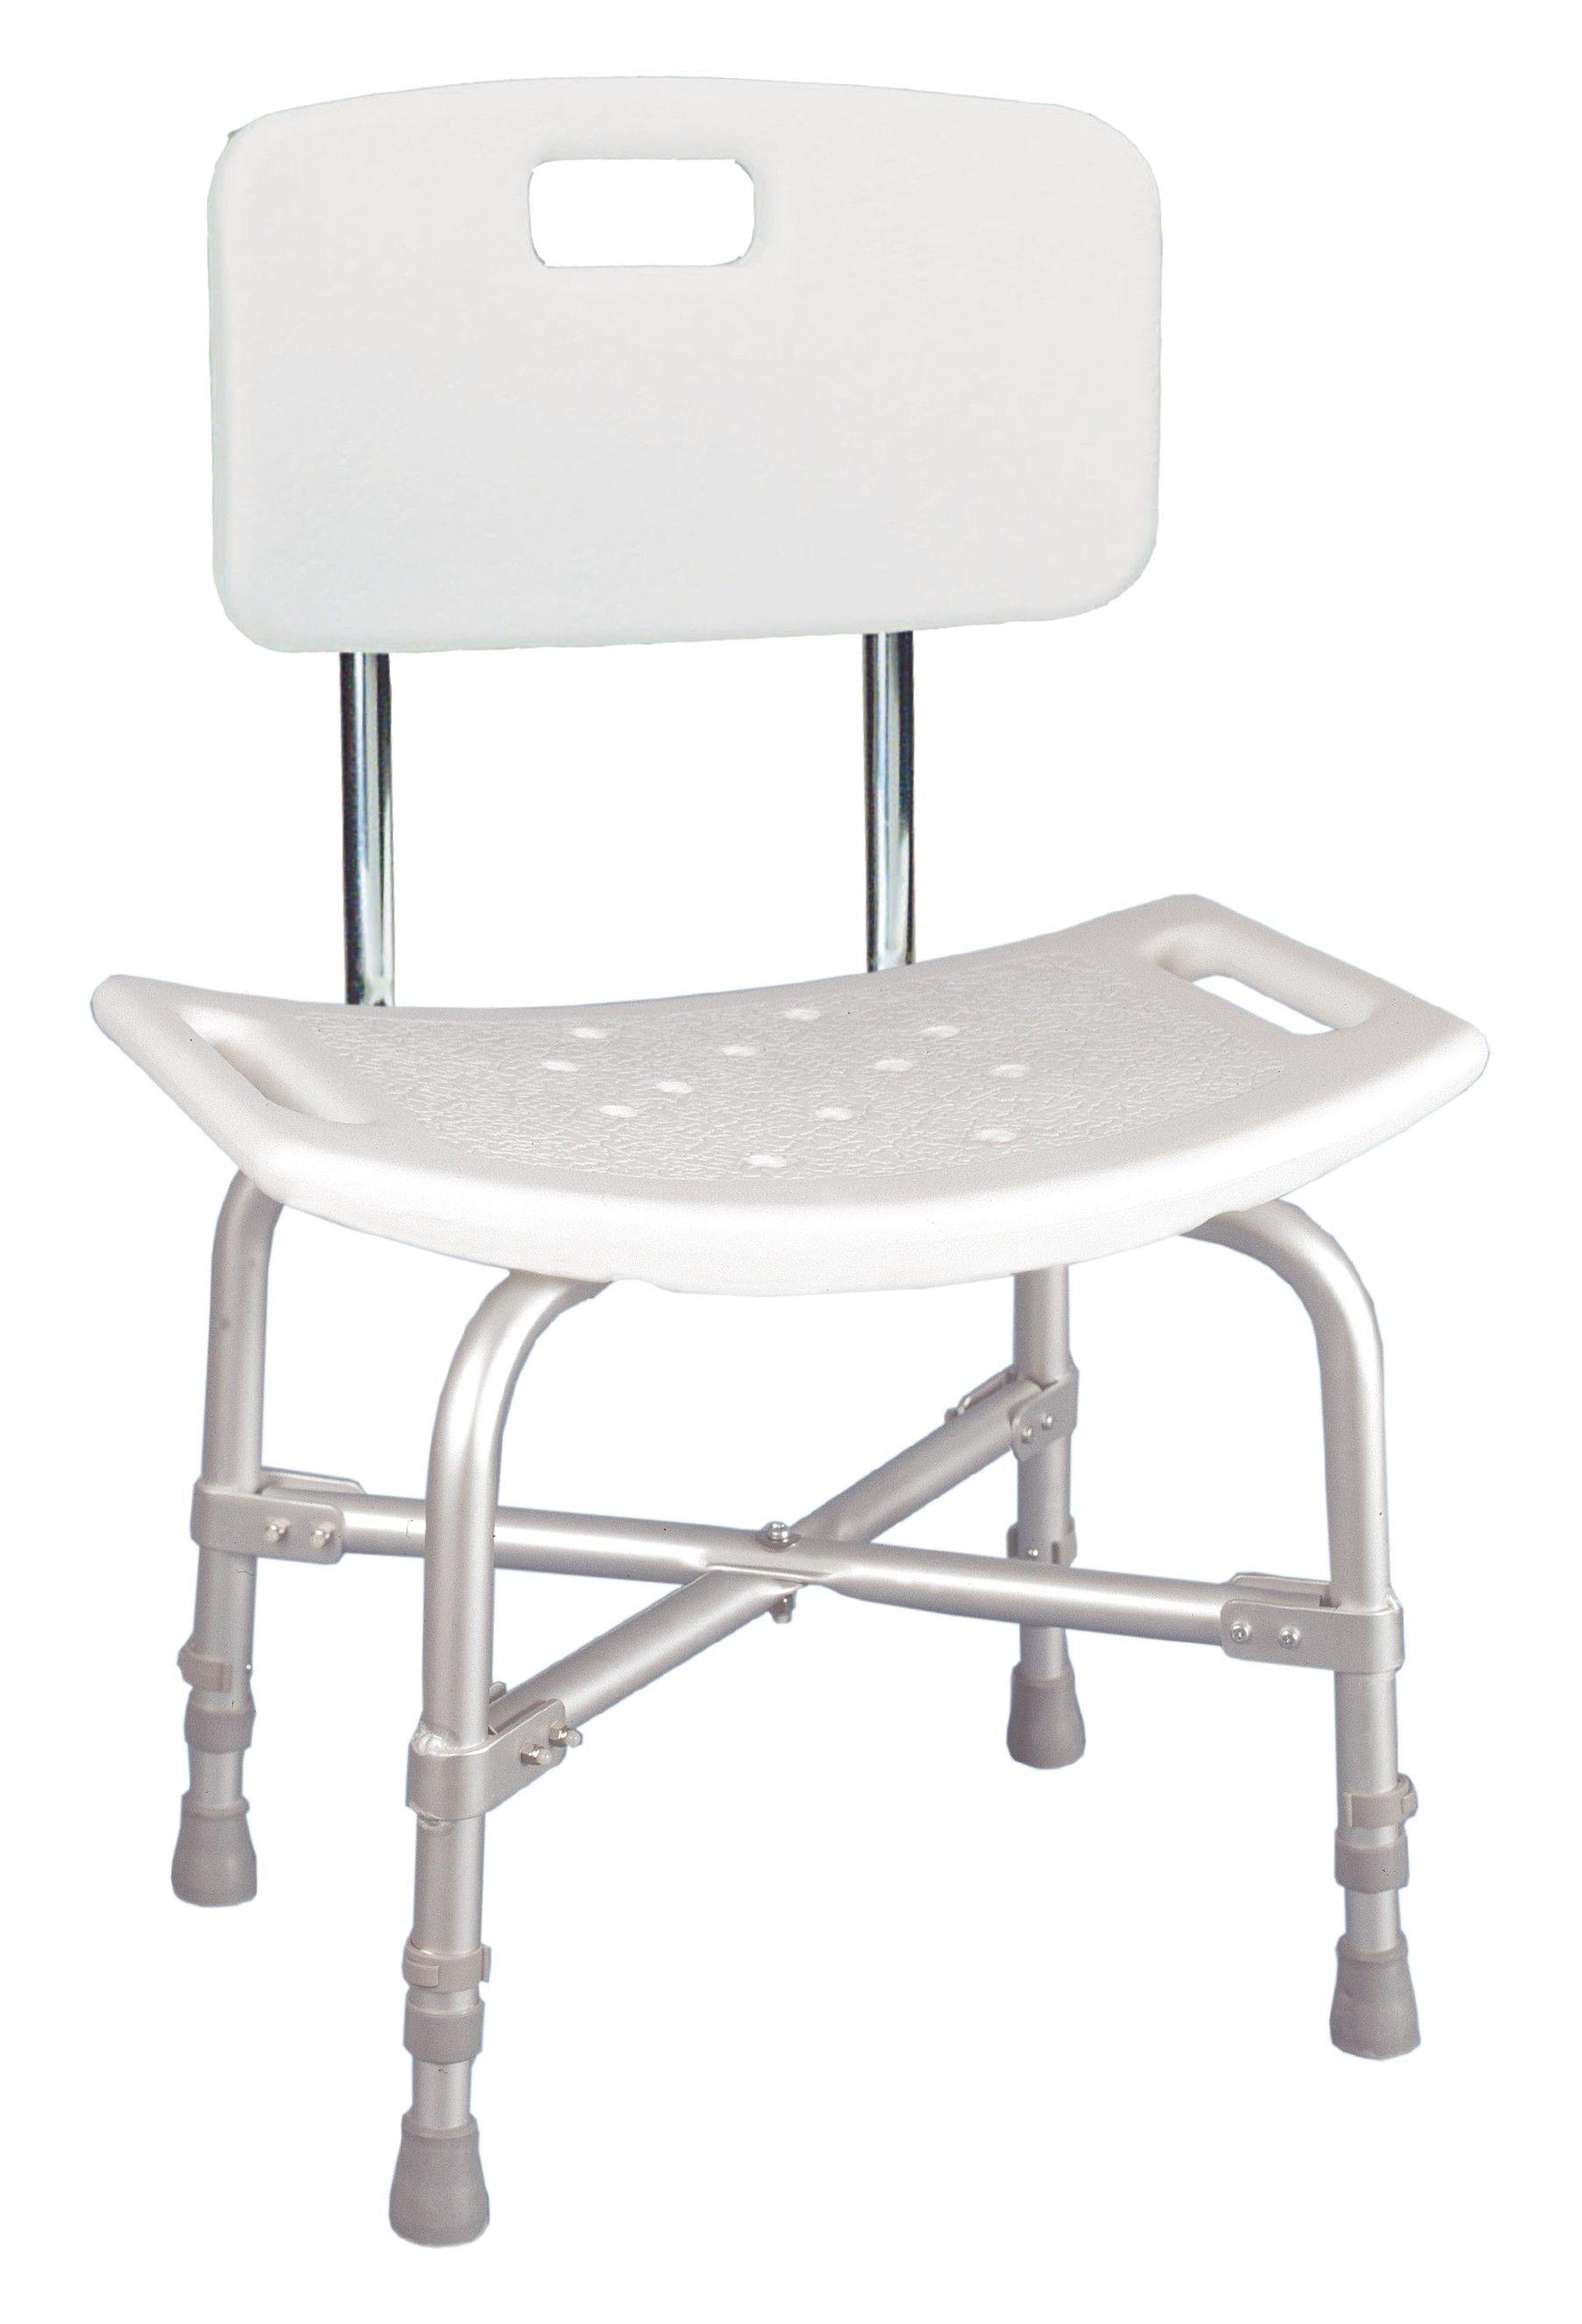 Badewanne Dusche Stuhl Stuhle In 2018 Pinterest Stuhle